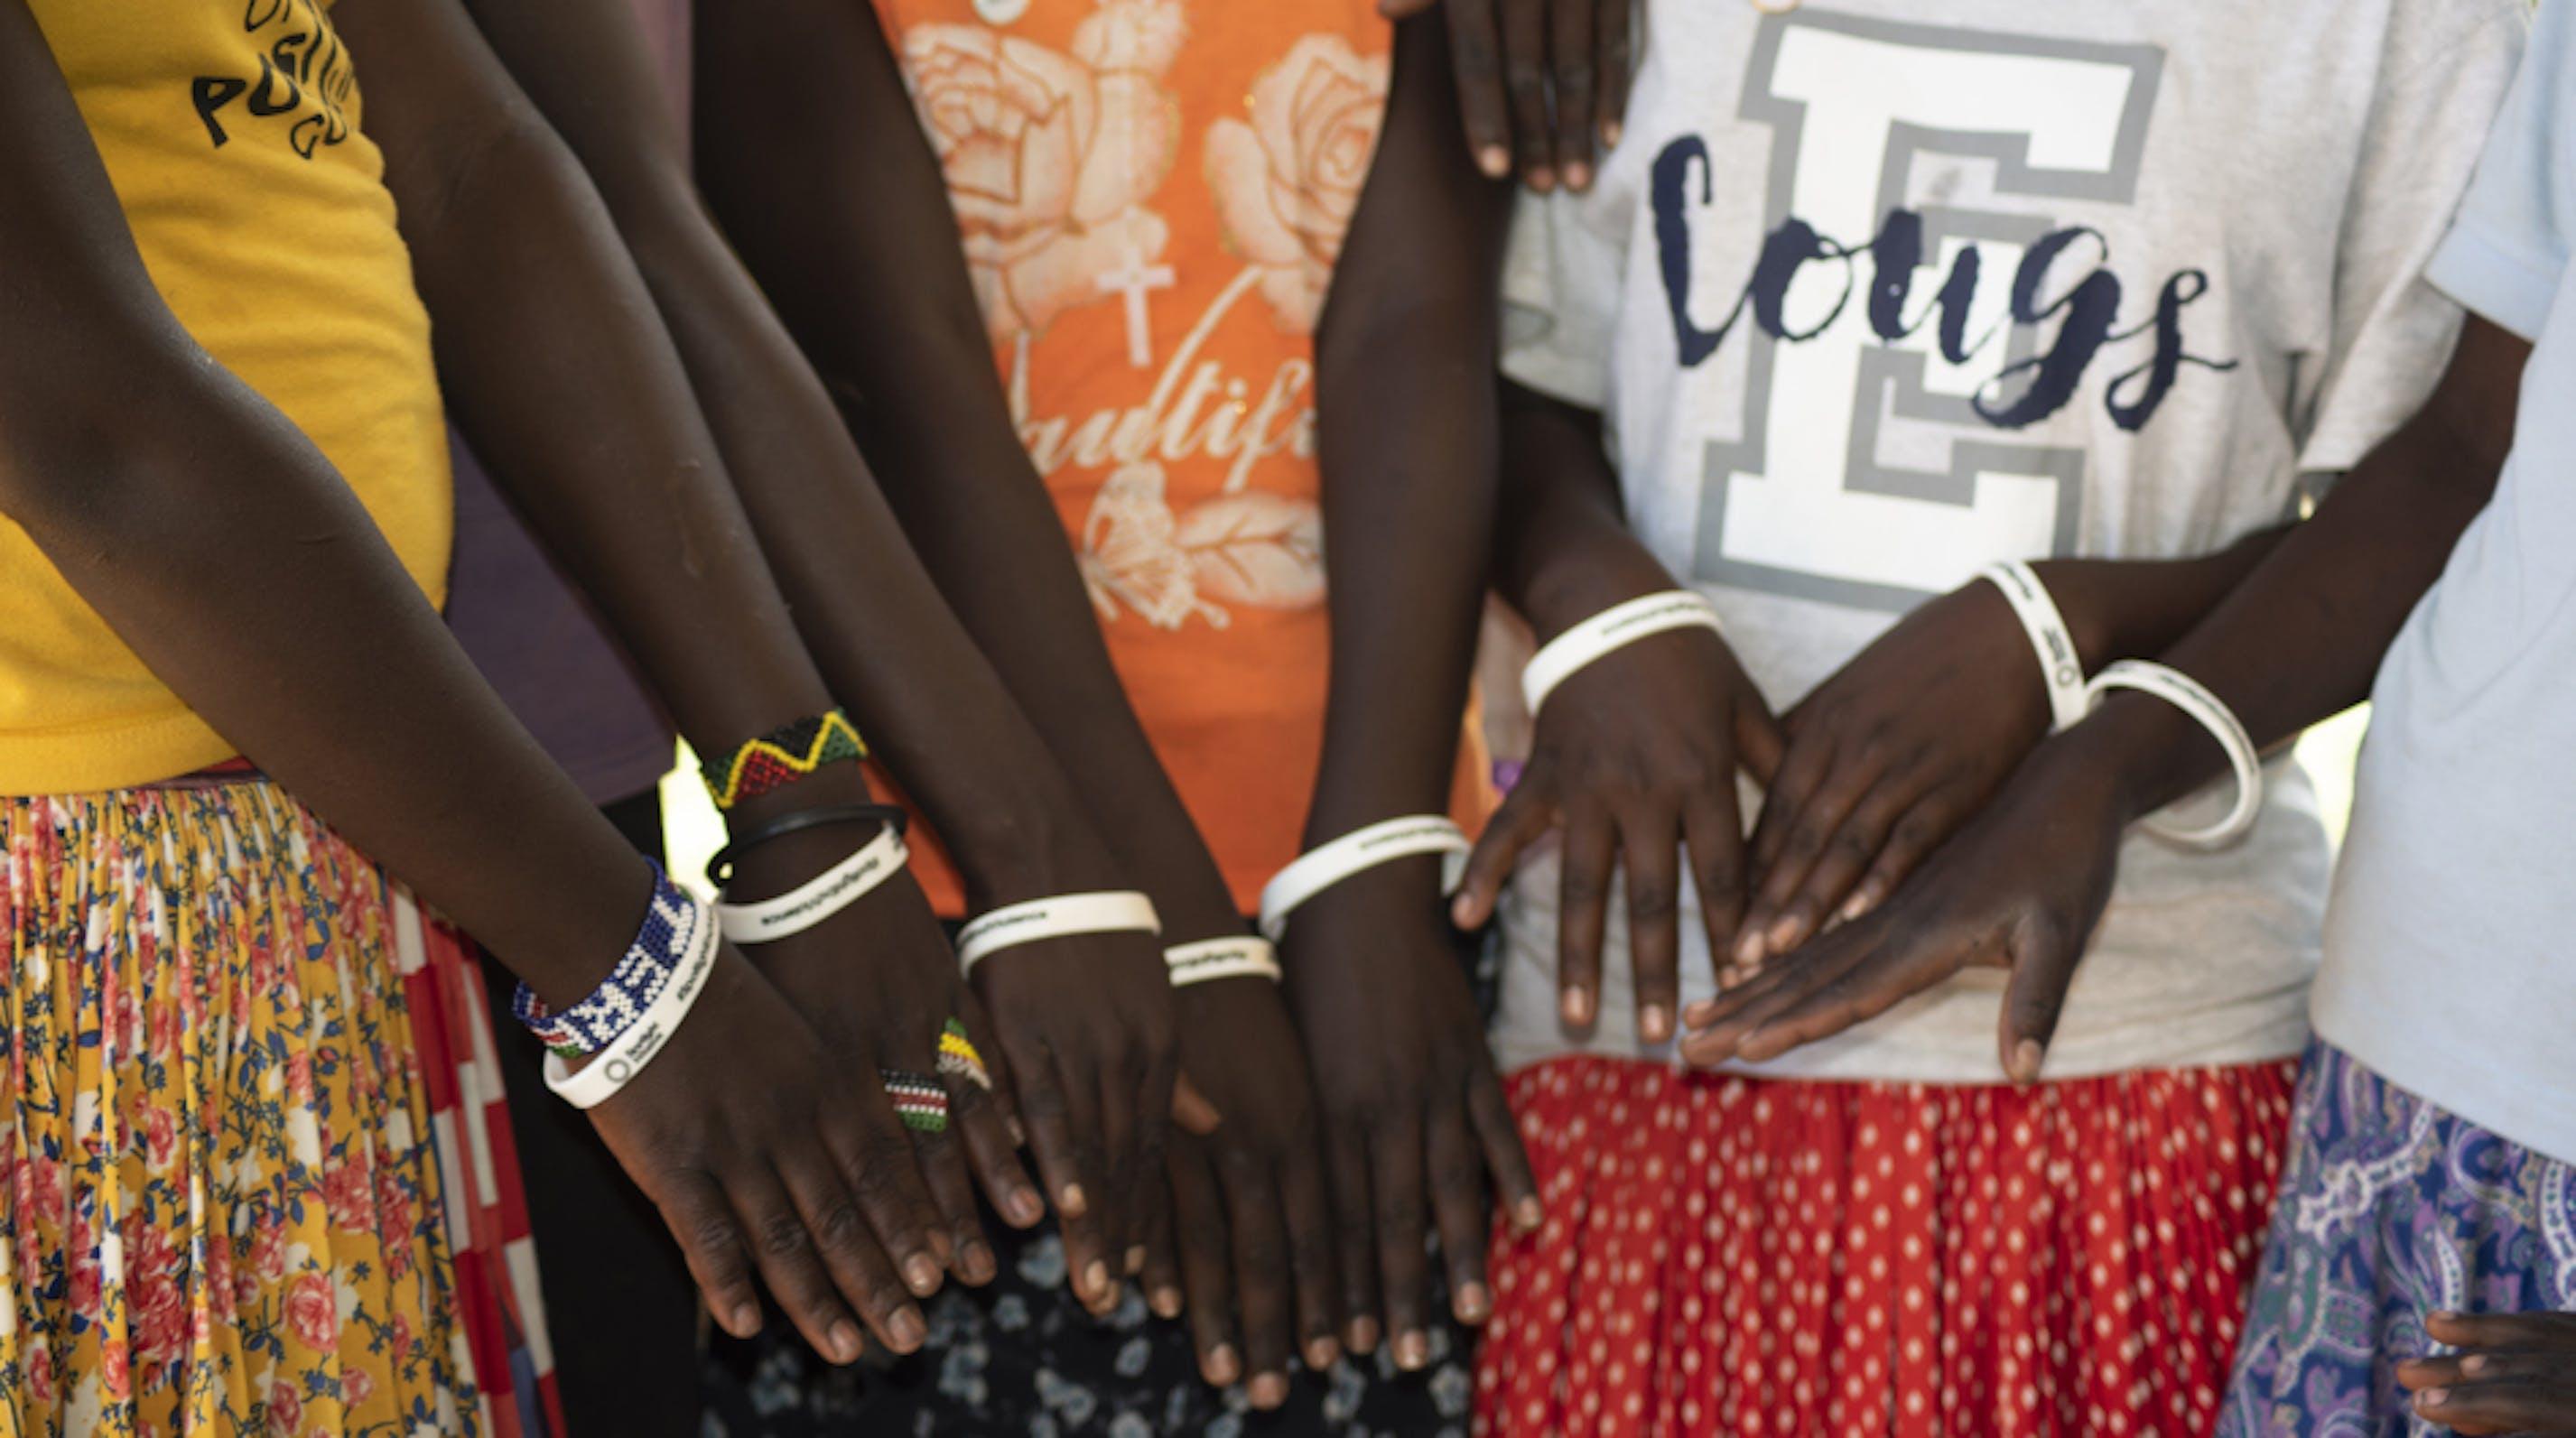 ragazze, mutilazioni genitali